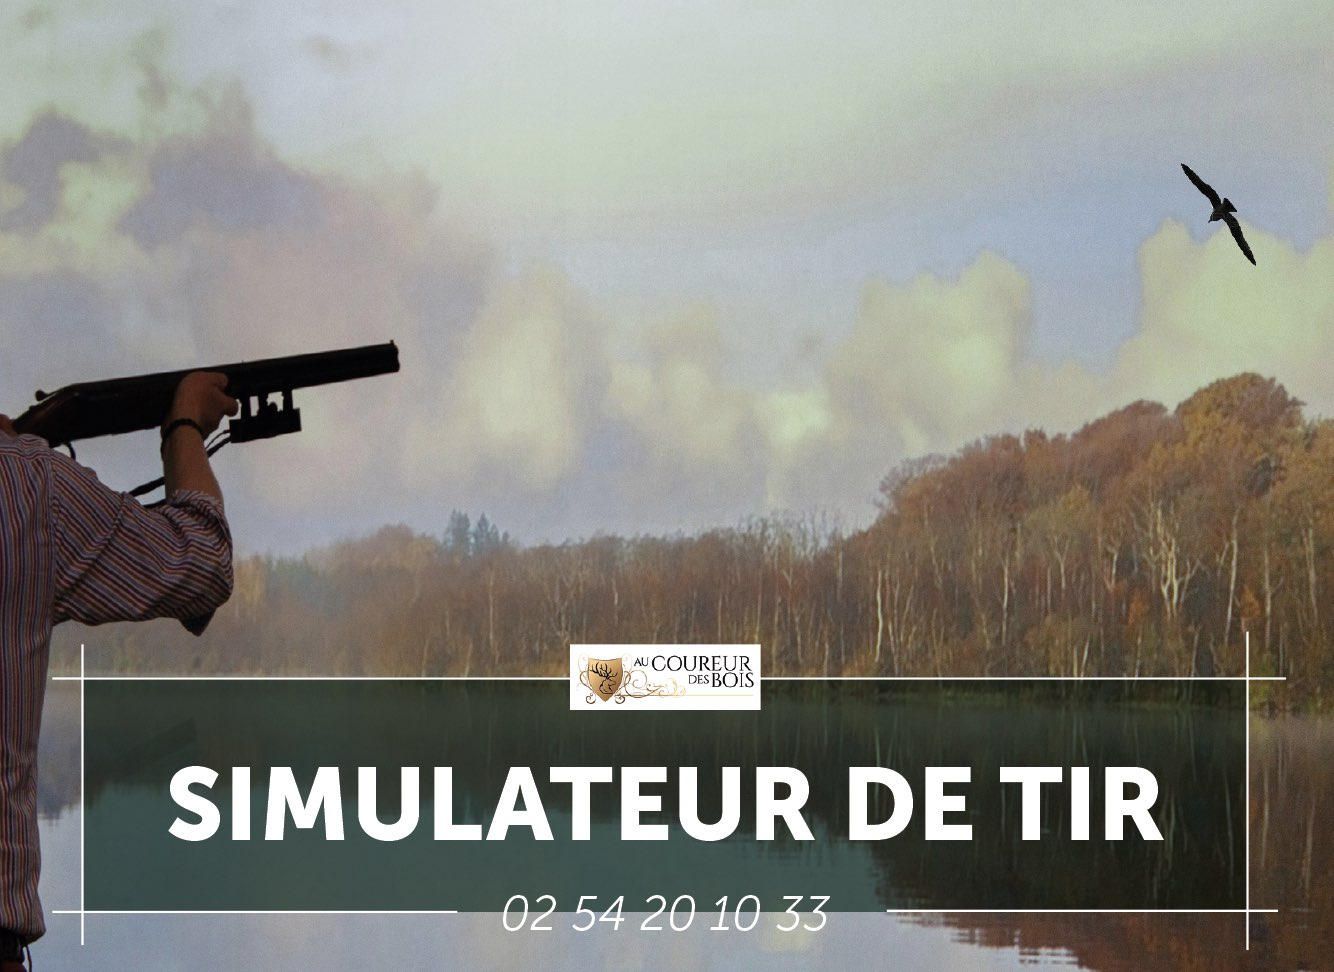 Le simulateur de chasse pour comprendre votre TIR